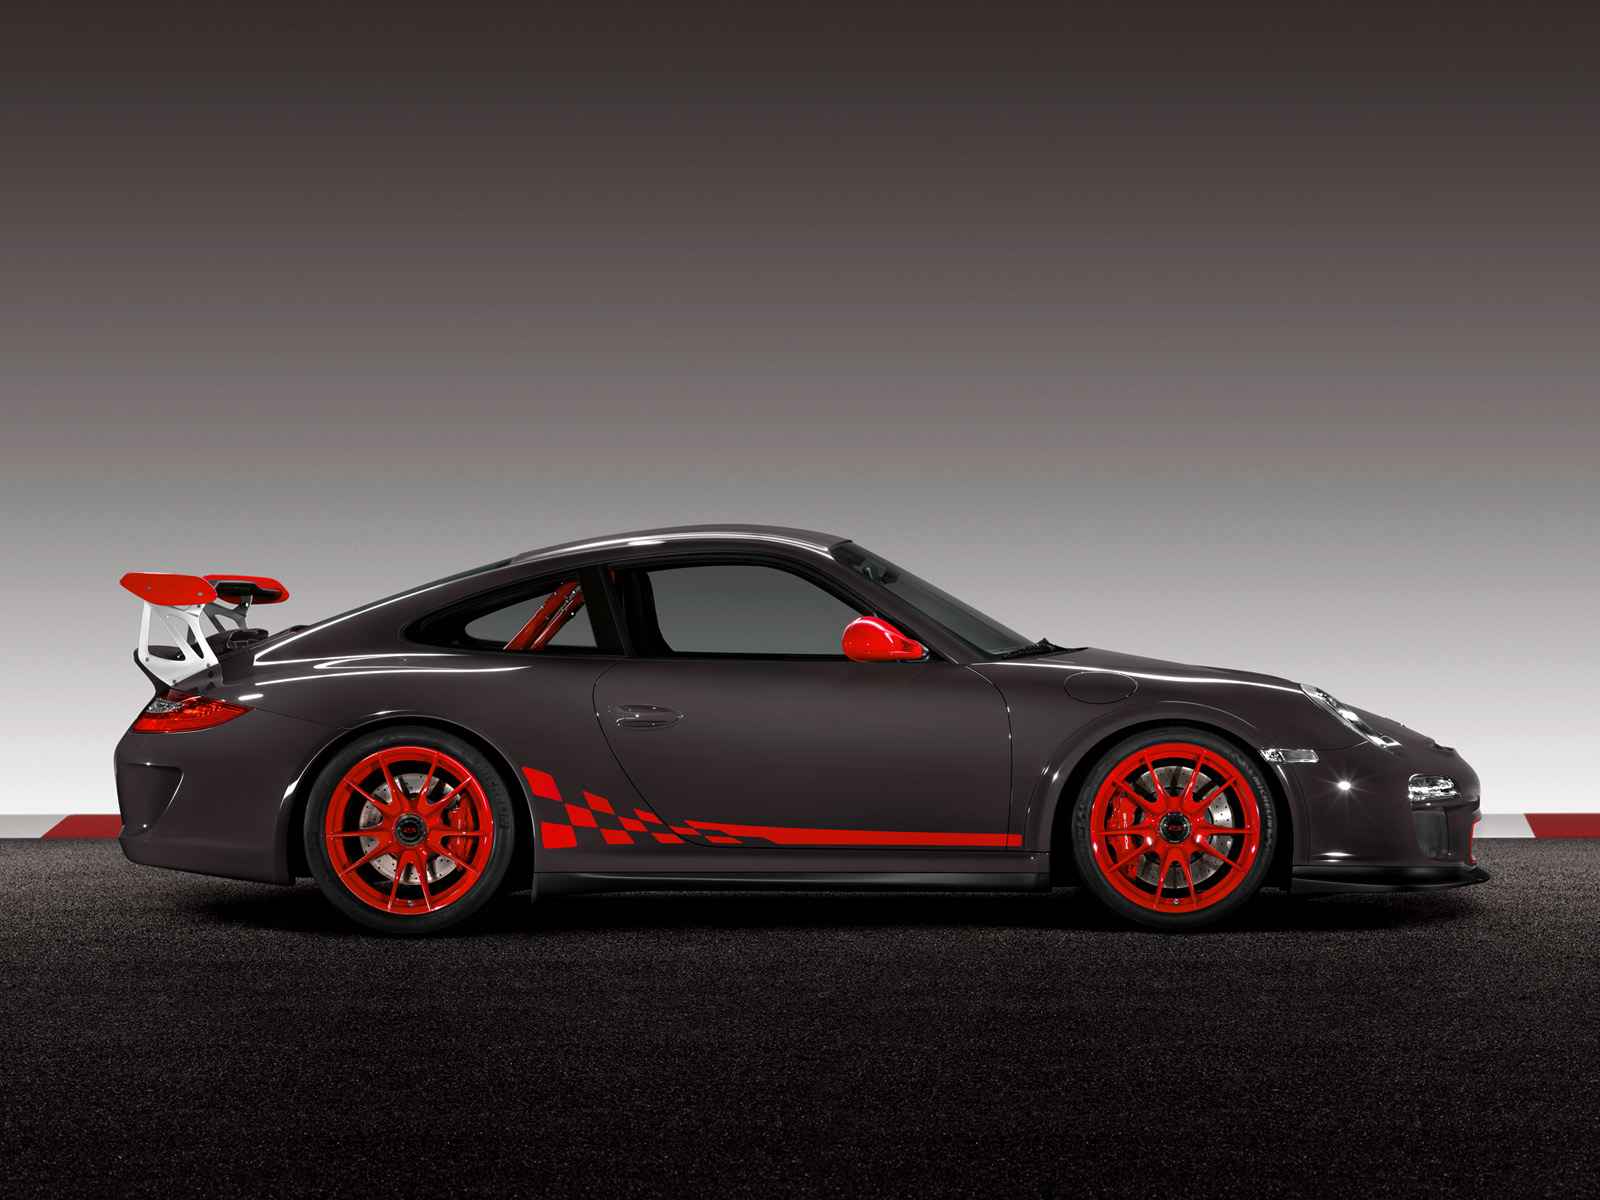 911 GT3 RS Porsche Wallpaper HD Wallpapers 1600x1200